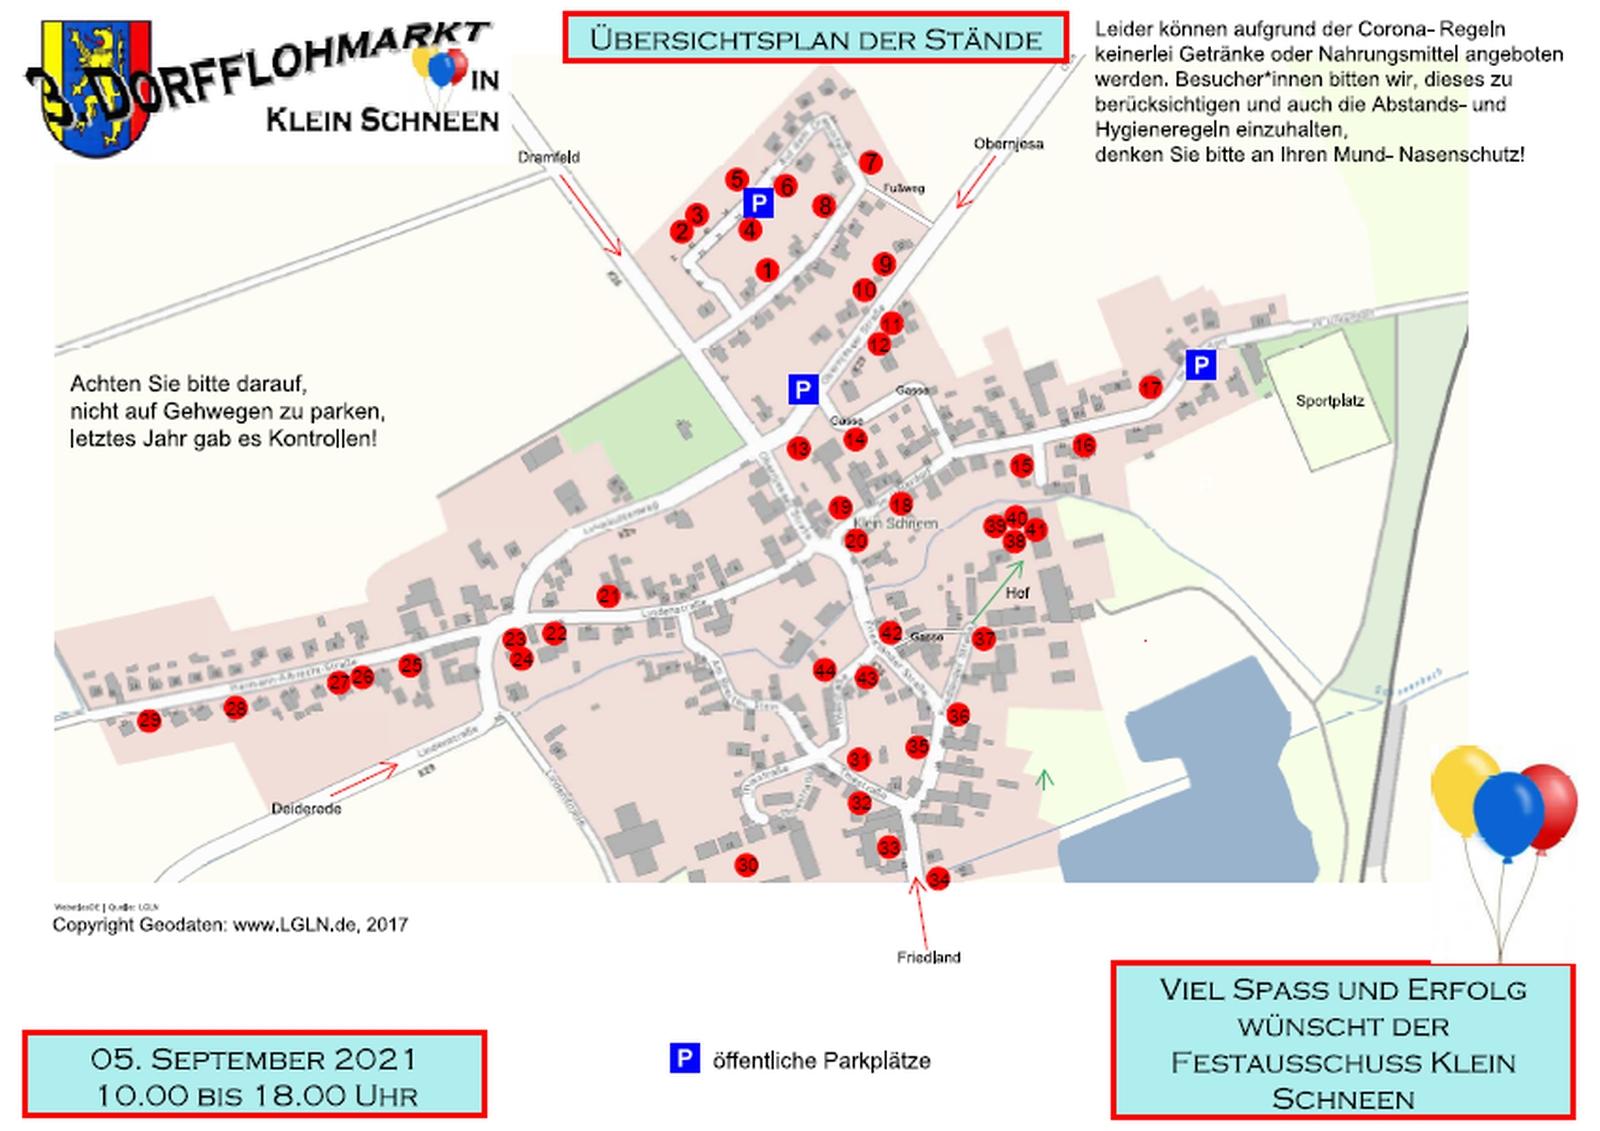 3. Dorfflohmarkt Klein Schneen: Übersichtplan der Stände